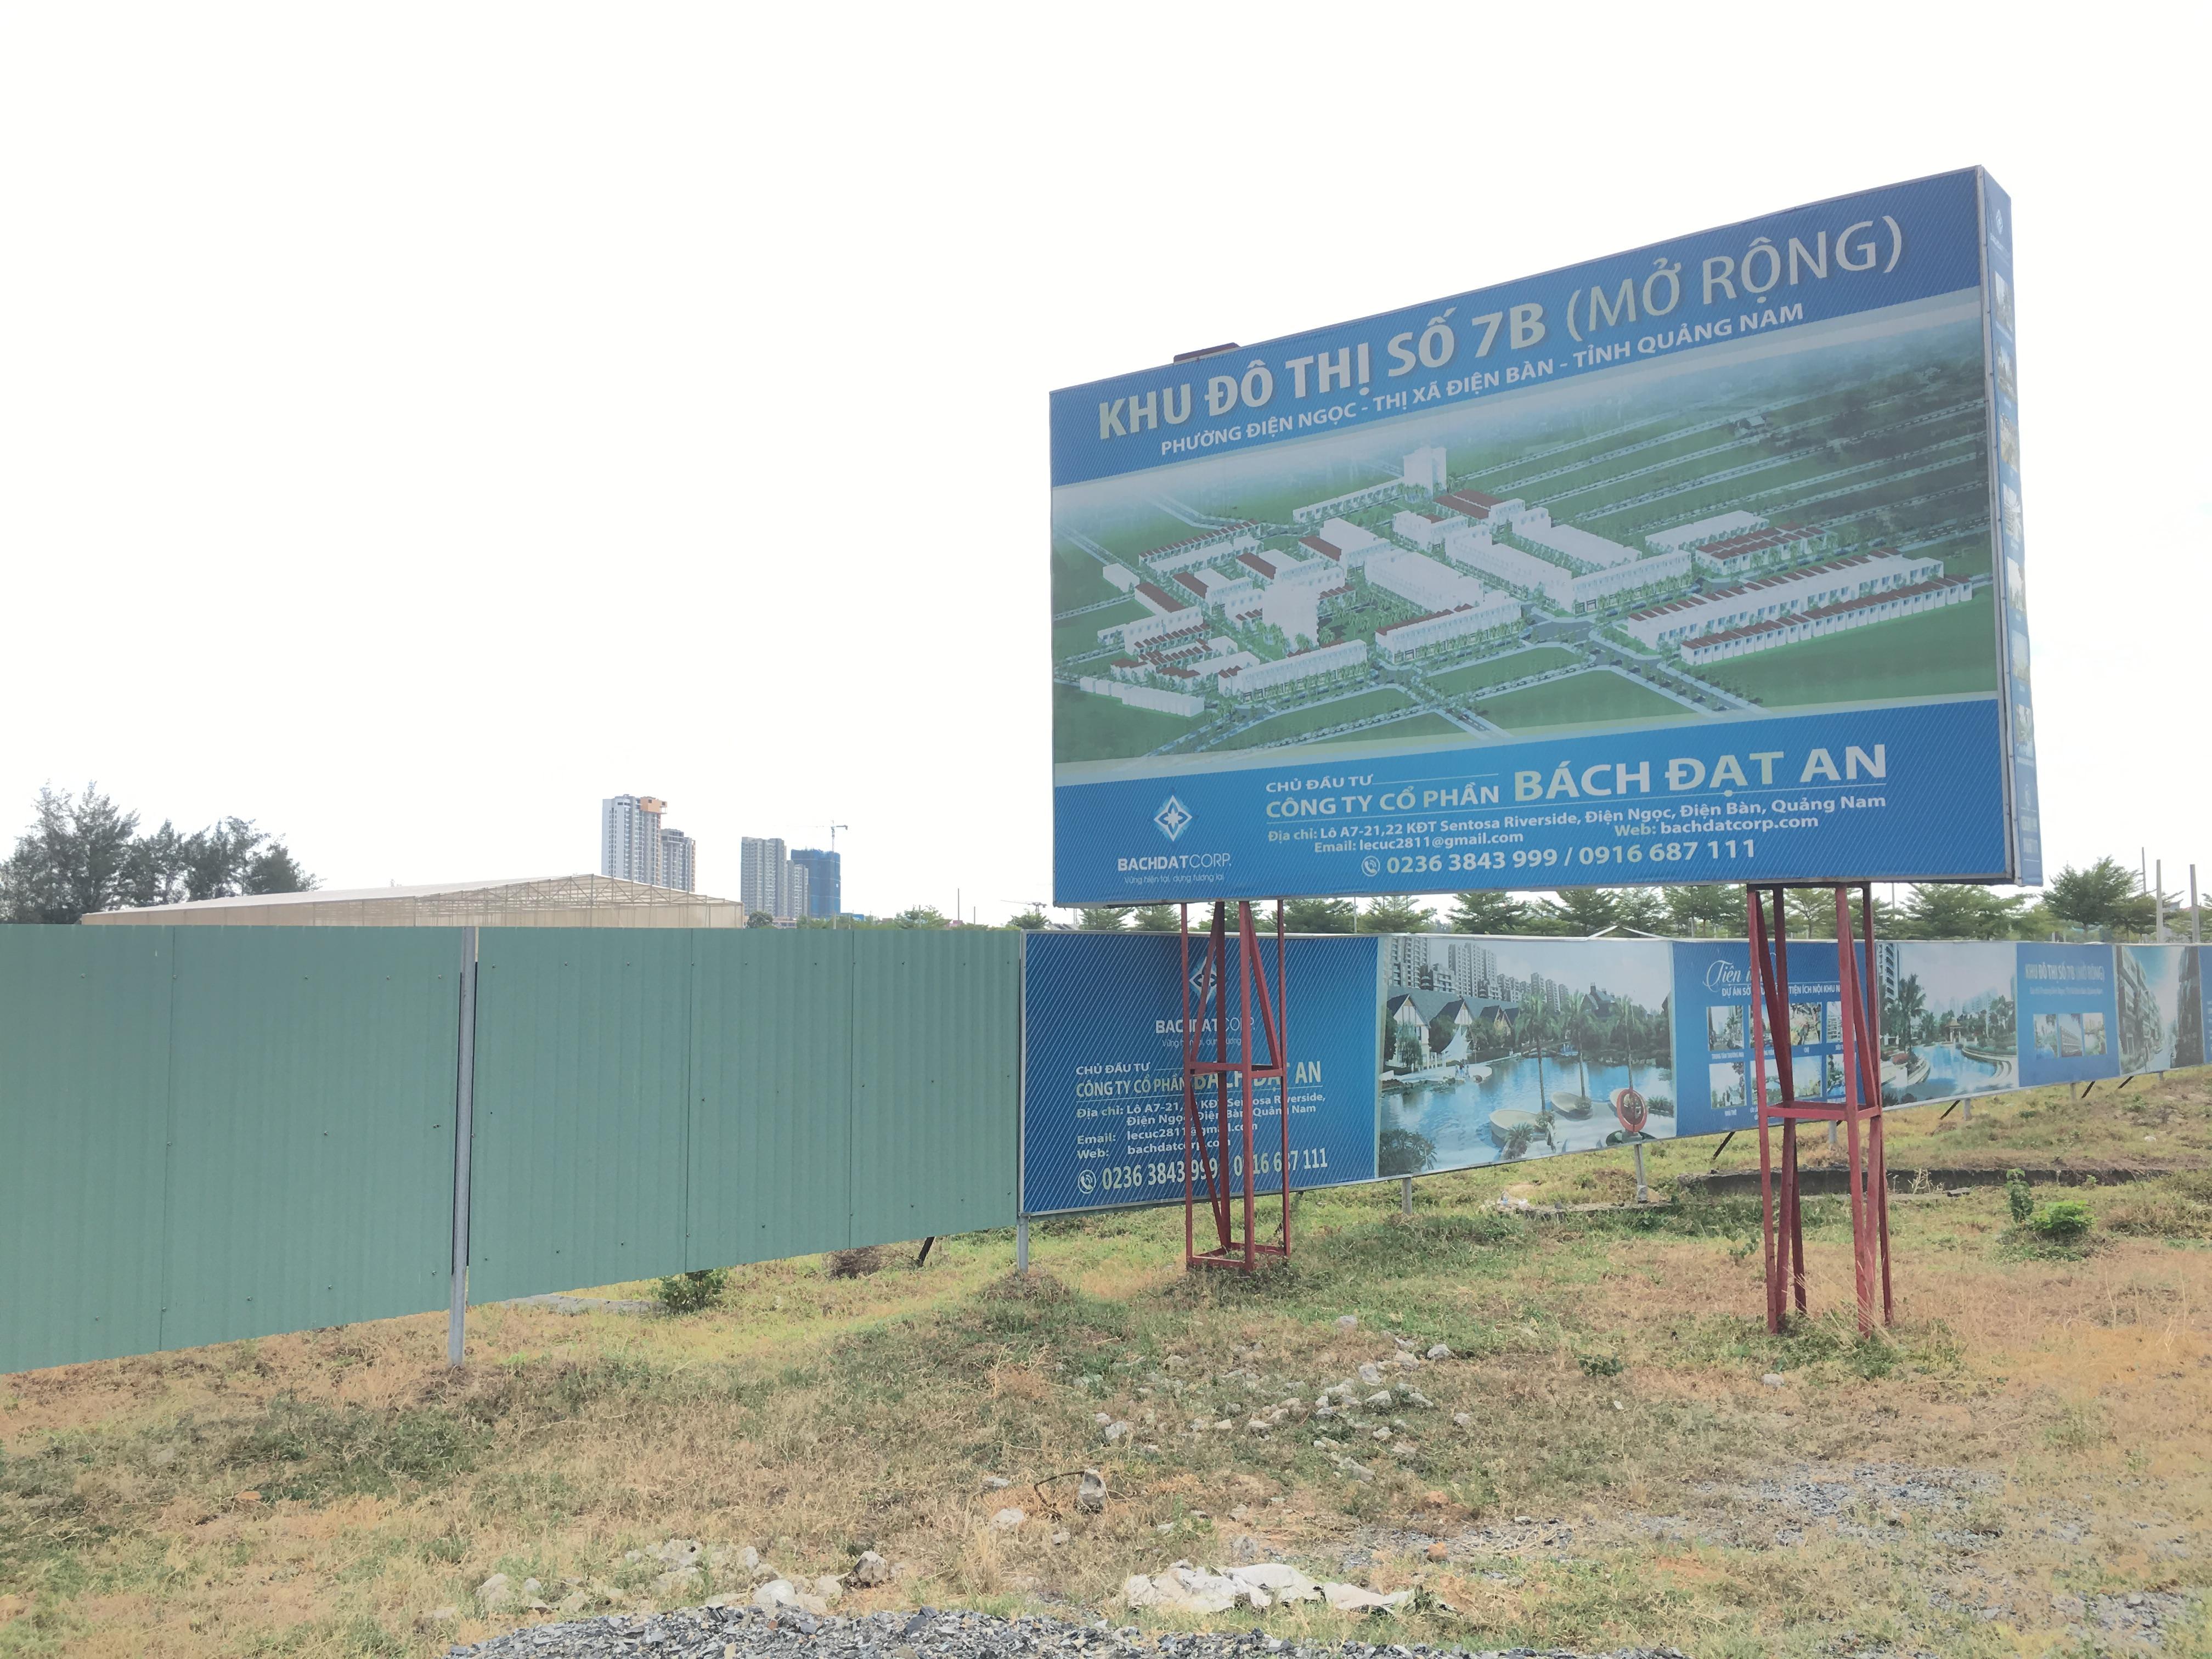 Quảng Nam thông qua chủ trương đầu tư 15 dự án khu đô thị - Ảnh 1.